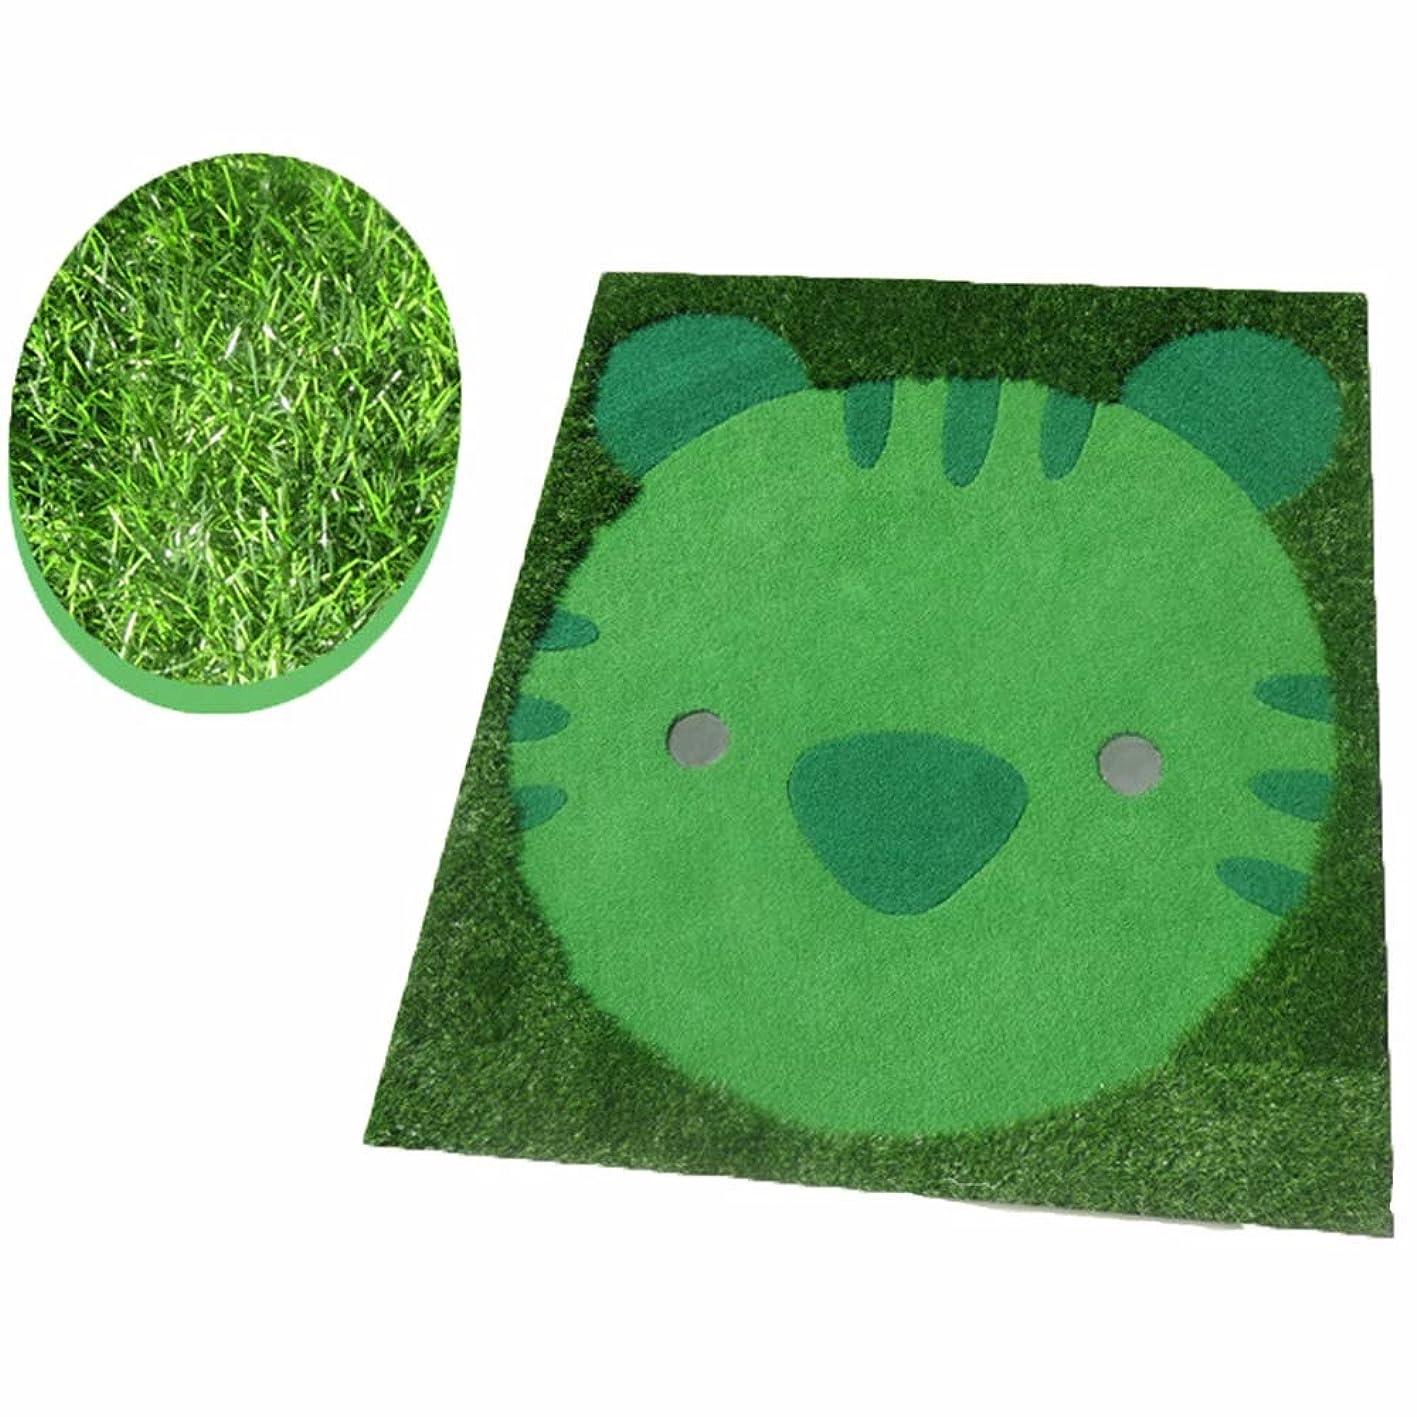 精査打ち負かす奇跡パッティングマット ゴルフ ゴルフ キッズゴルフグリーンかわいい動物パッティンググリーンシステムプロフェッショナルプラクティスモデリング屋内人工グリーンゴルフ用ティーンエイジャー青少年 (色 : 緑, サイズ : 1.5*1.7M)